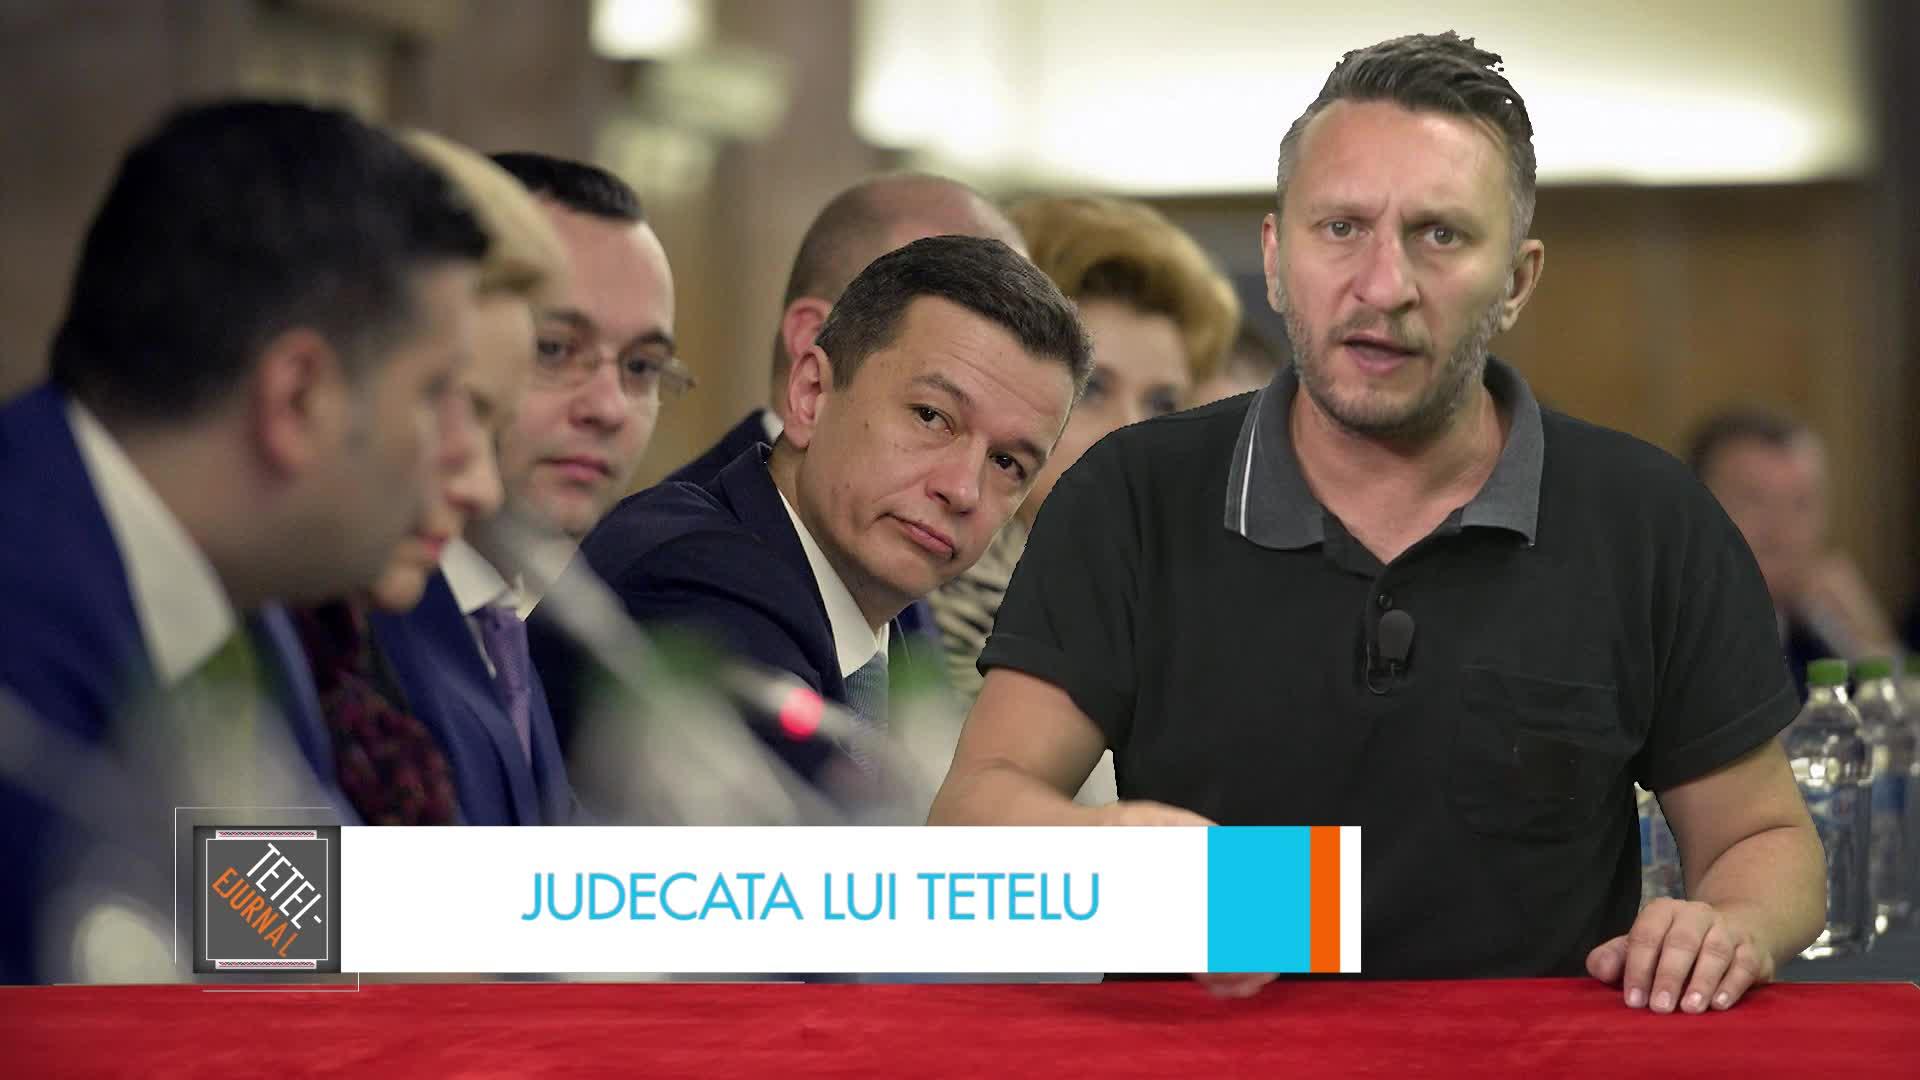 Judecata lui Tetelu: Remaierea Guvernului